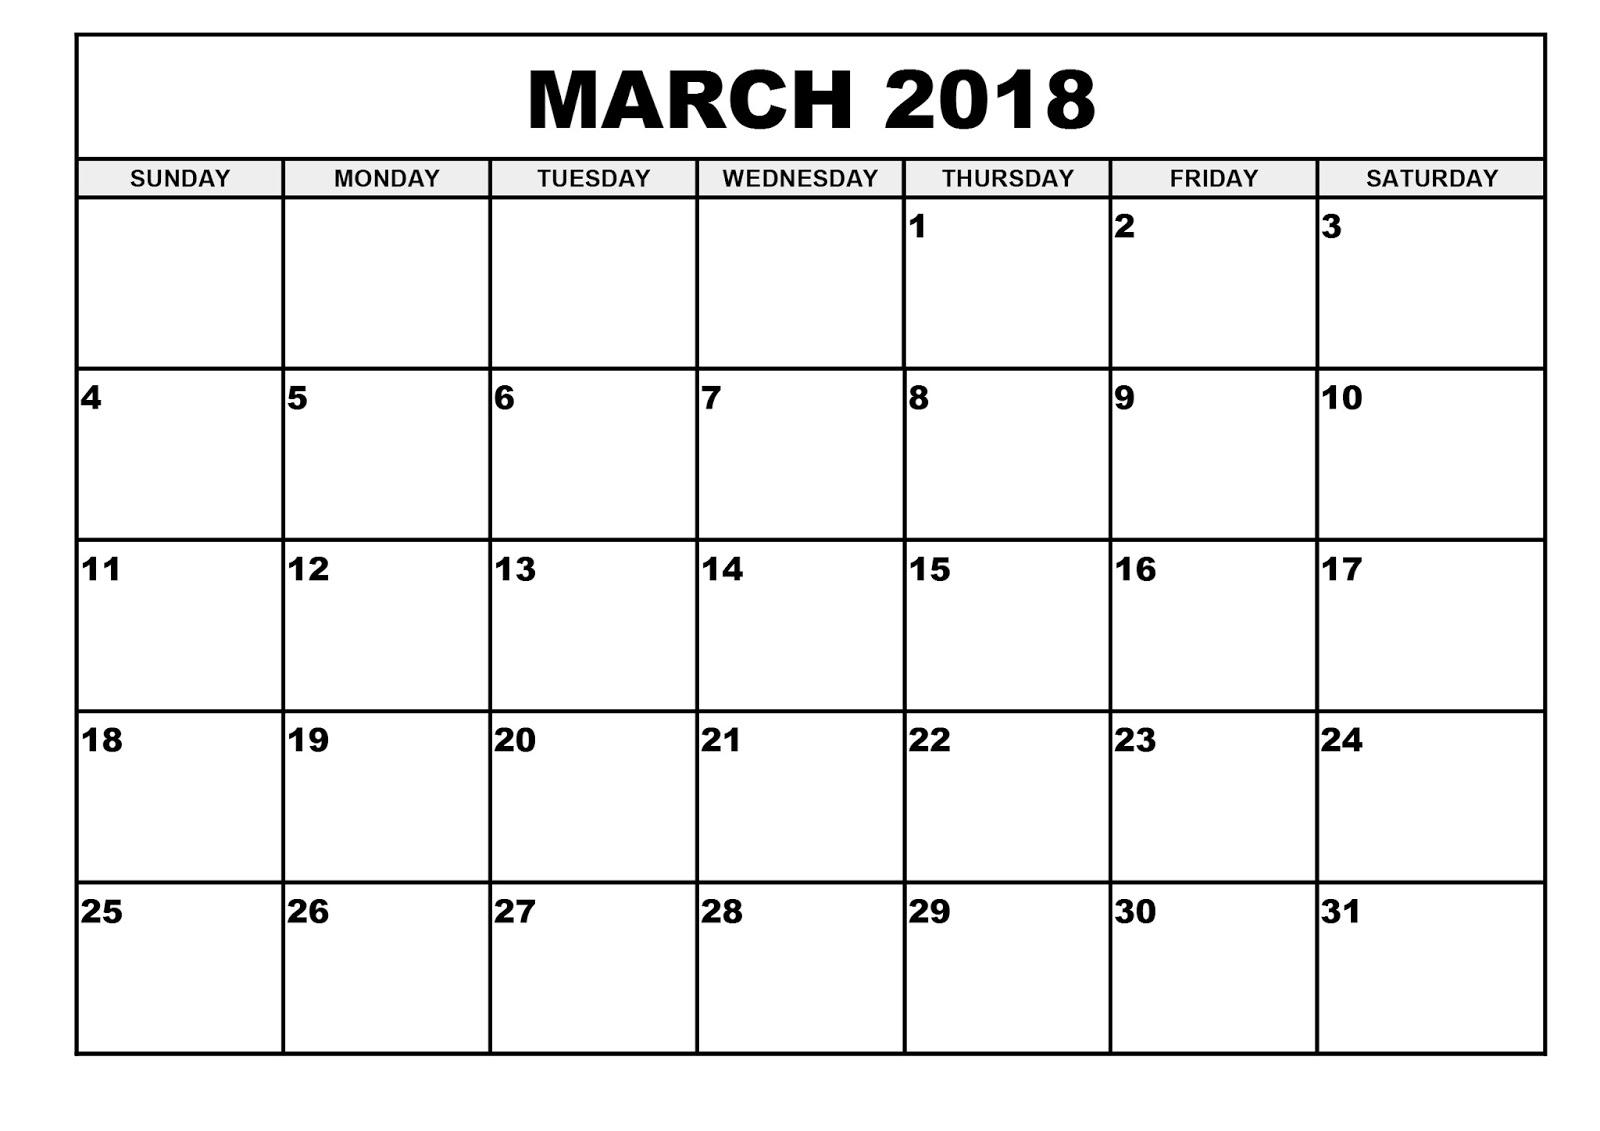 March 2018 Calendar Template